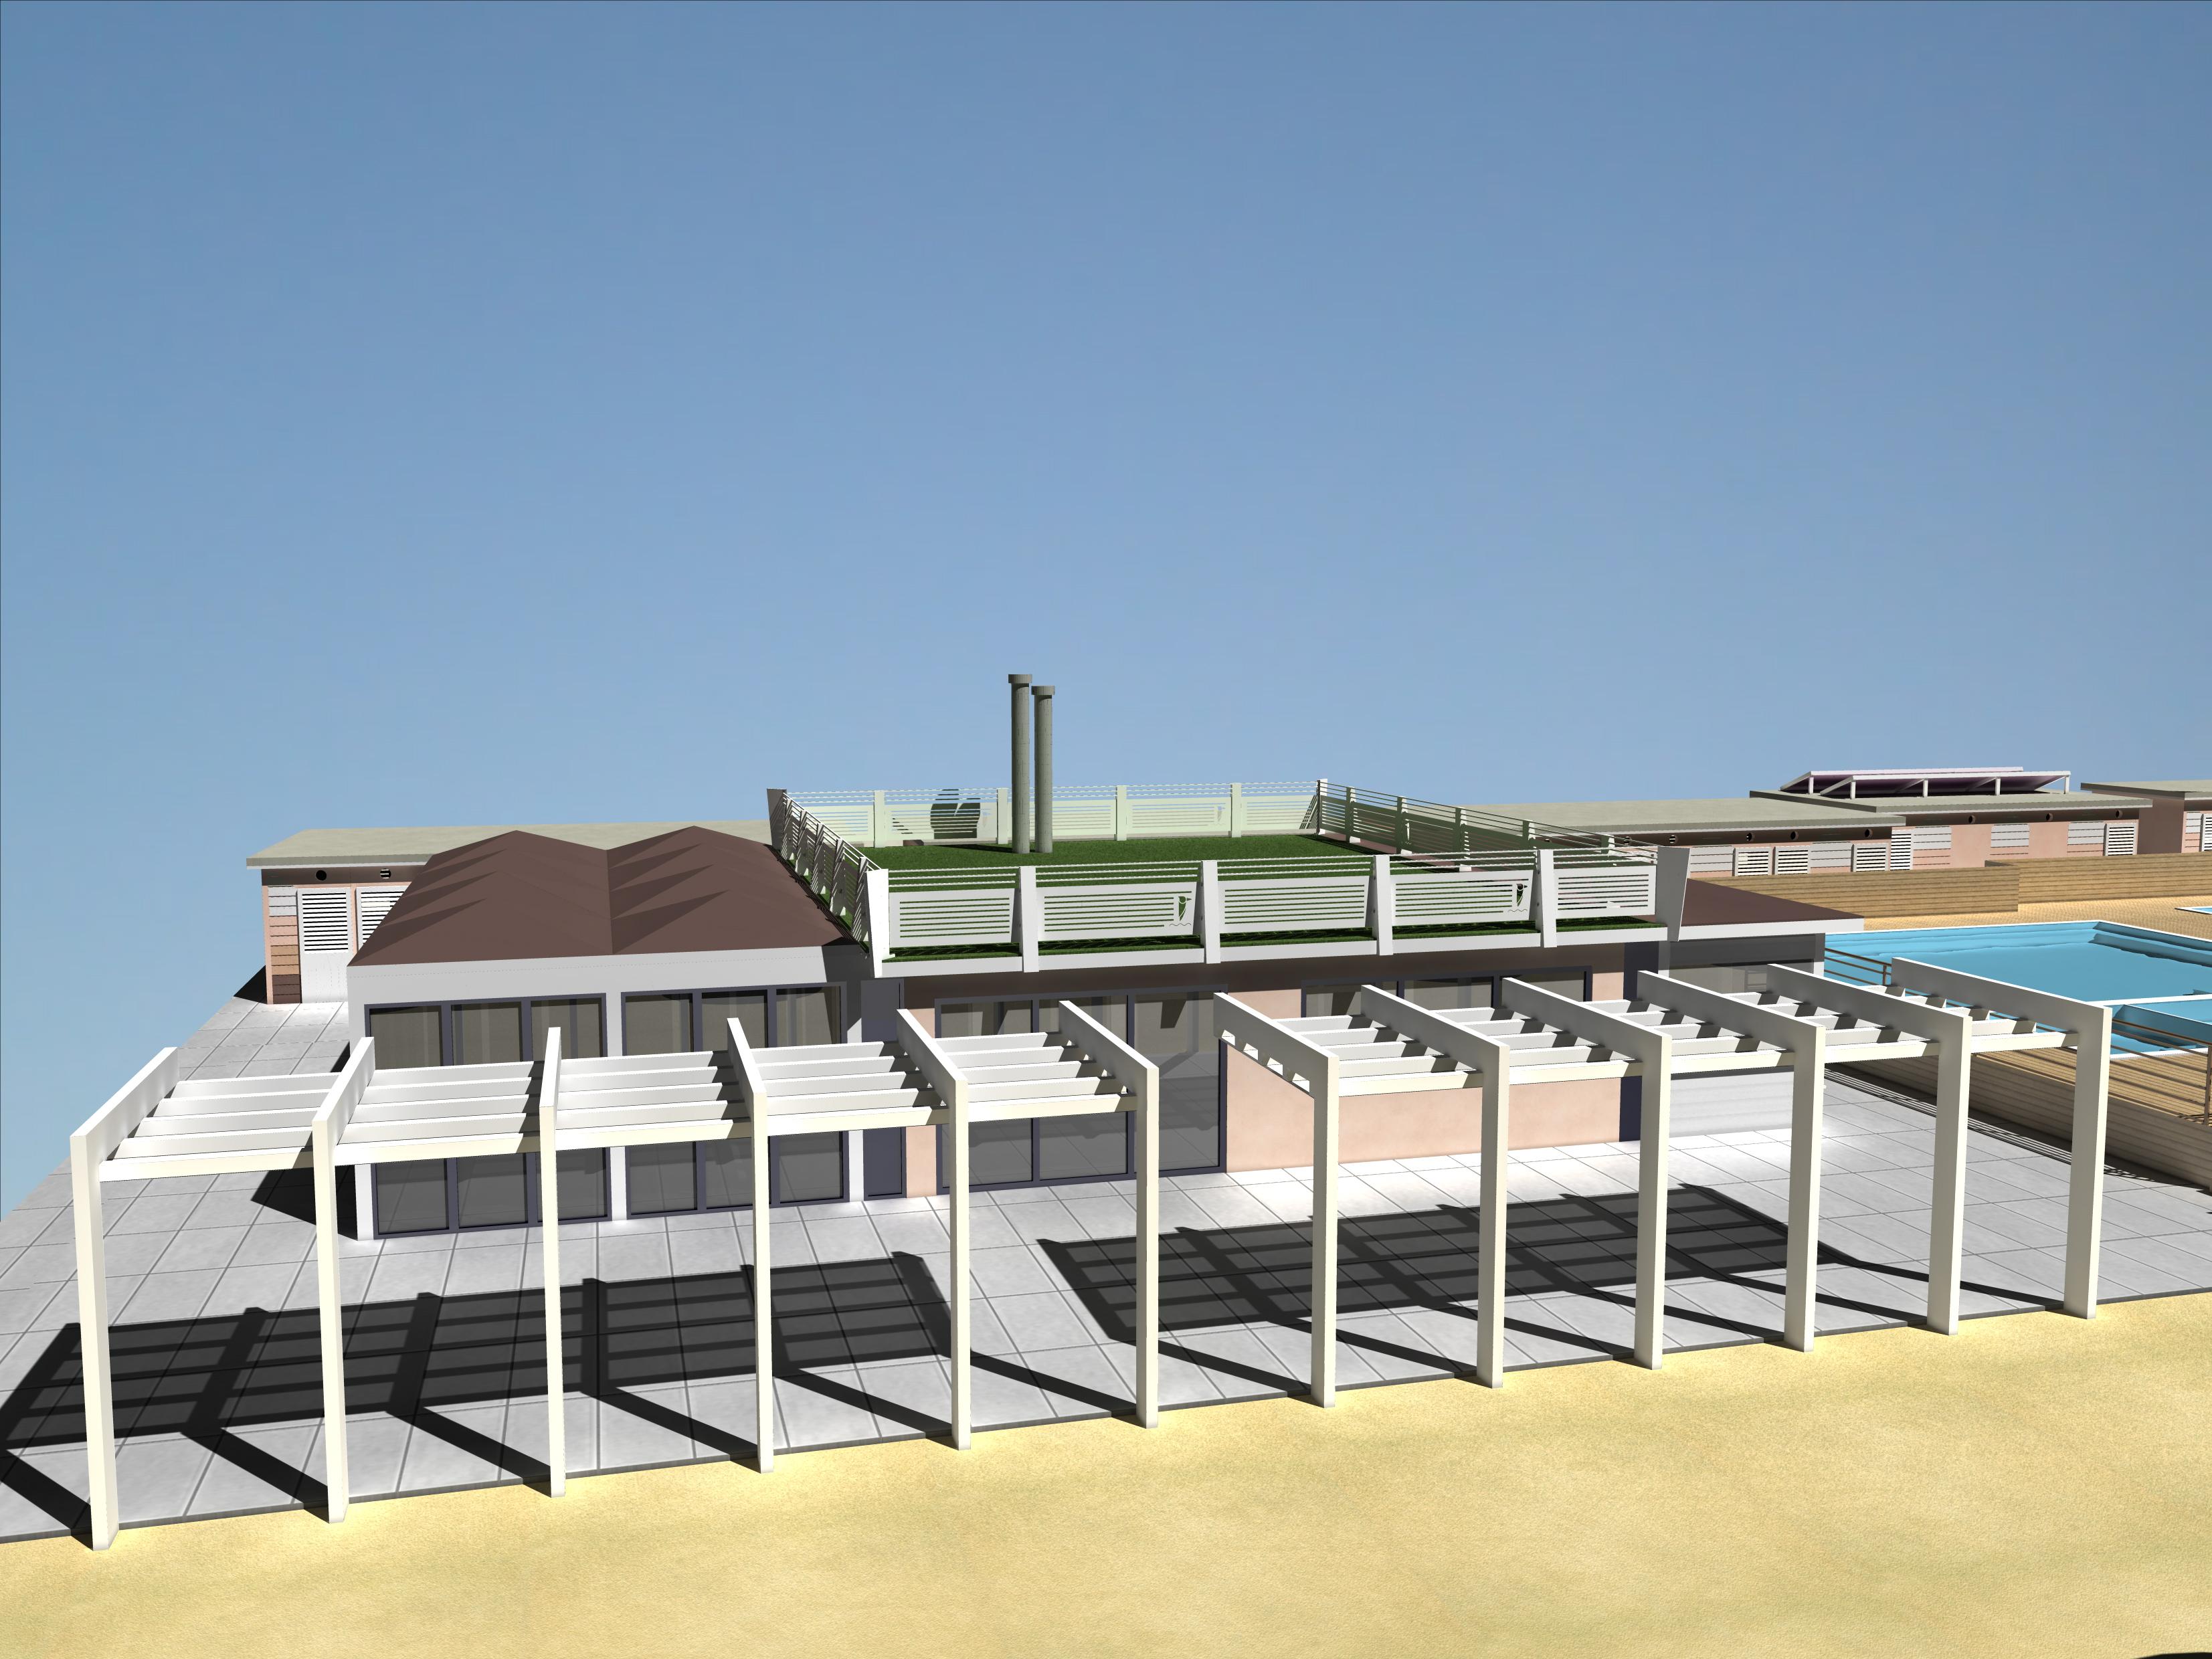 Progettazione e modellazione di tettoie in acciaio